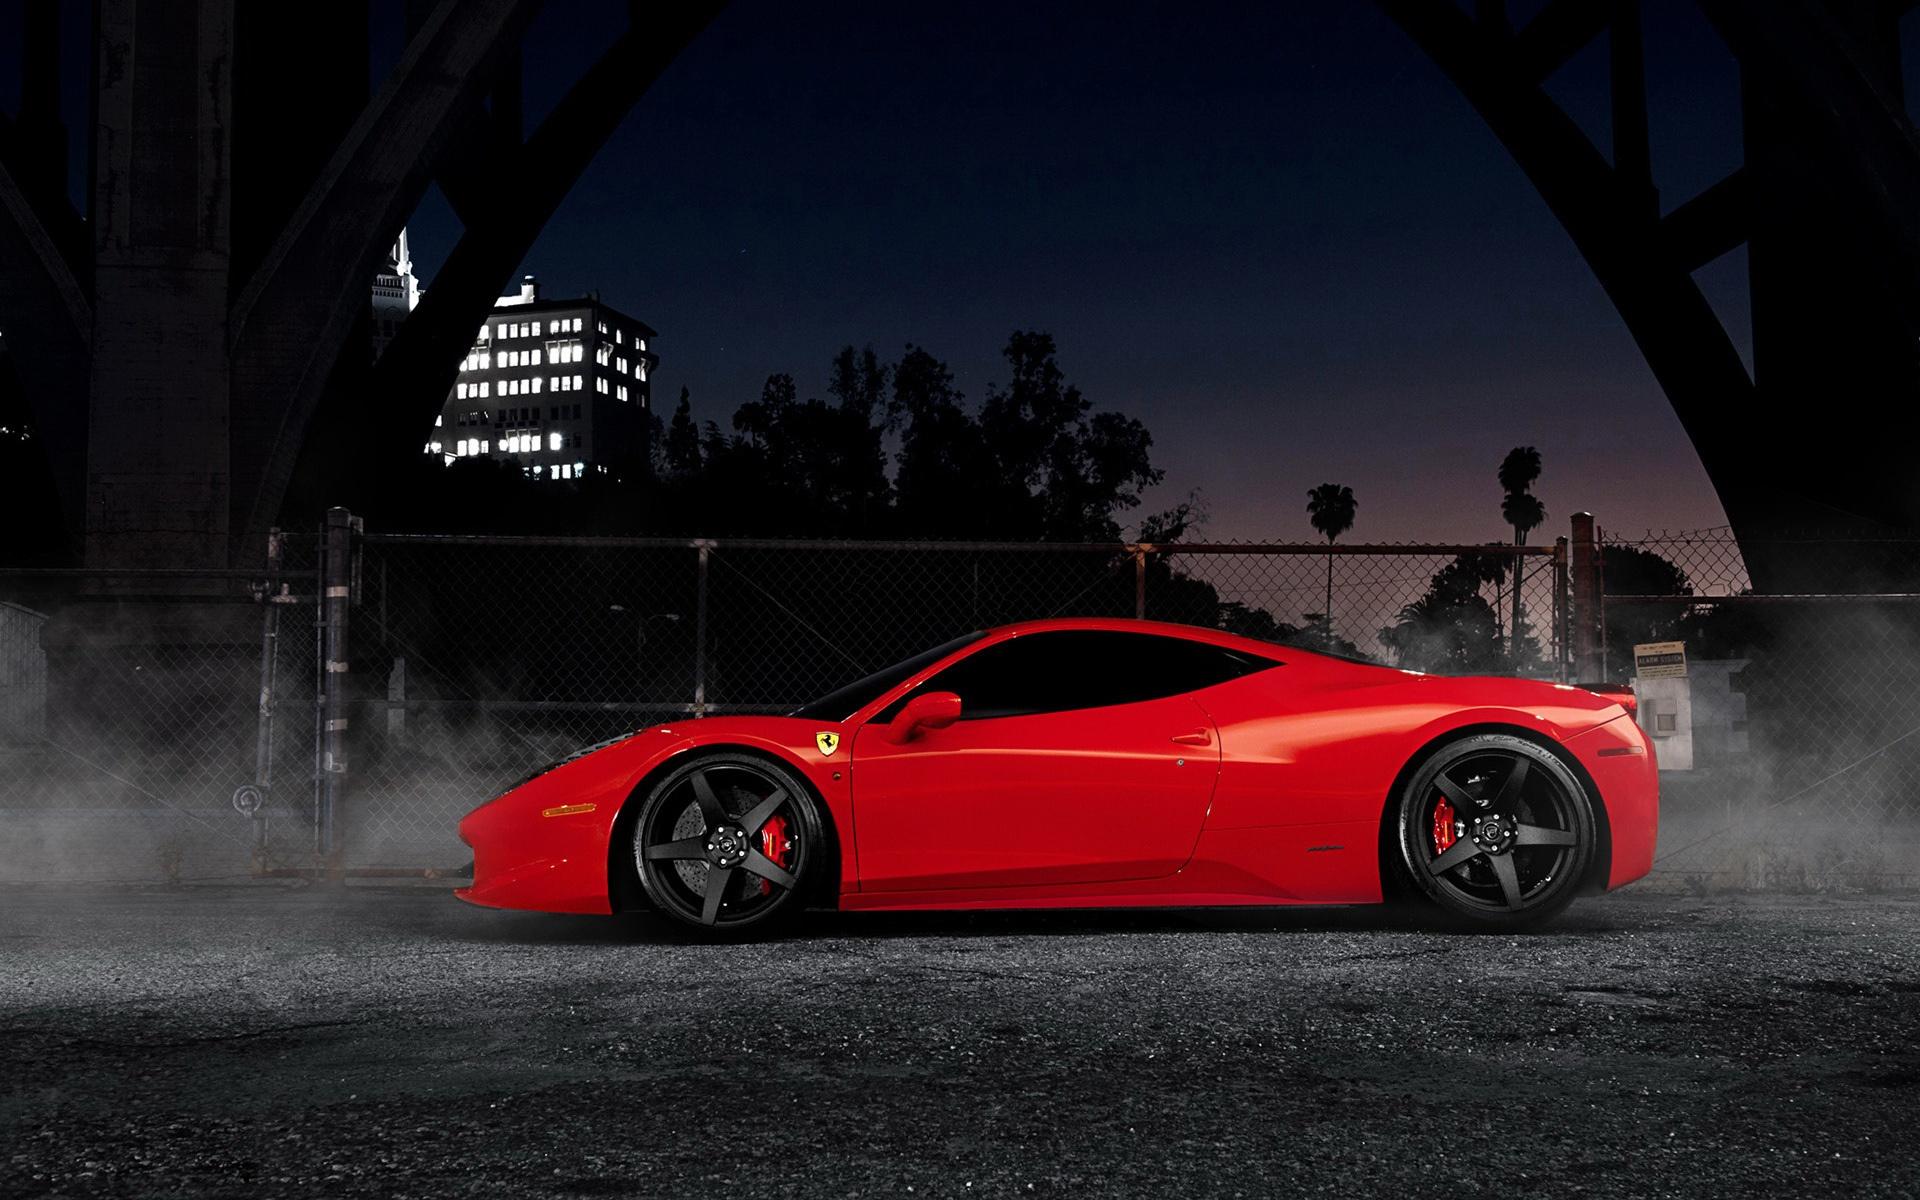 Forgestar Ferrari 458 Italia Wallpaper HD Car Wallpapers 1920x1200